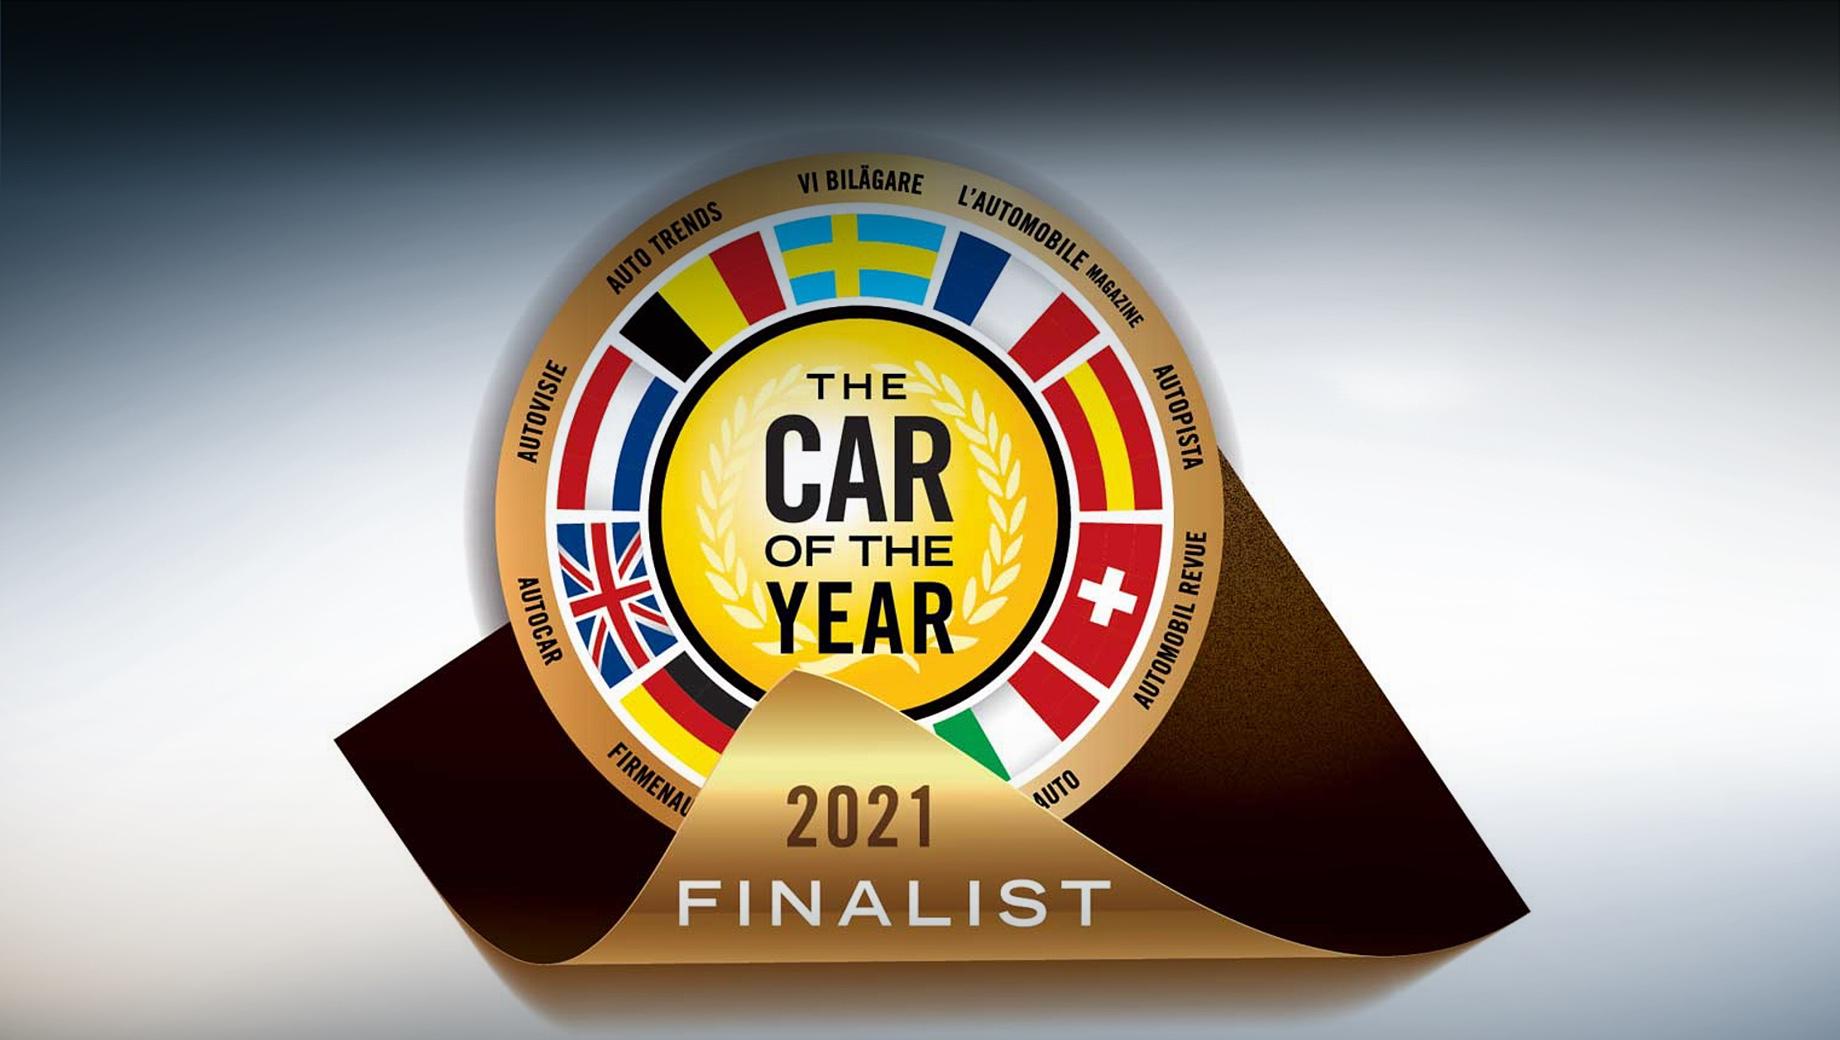 Жюри конкурса COTY-2021 представило семь финалистов